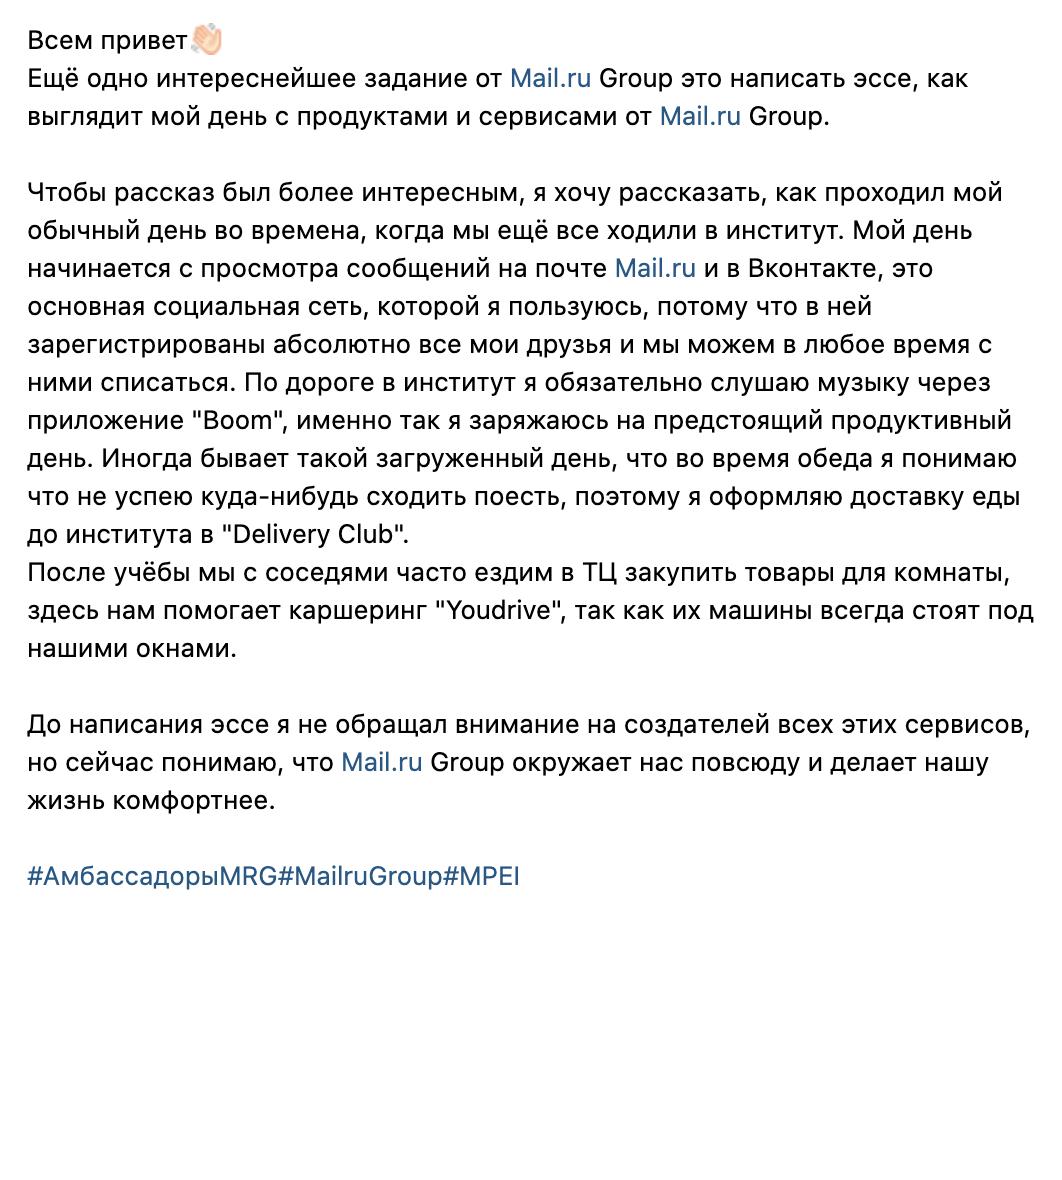 Конкурсные задания от«Мейл-ру» в2020году были разнообразными, например студентам нужно было придумать длясебя семидневный челлендж, нарисовать комикс отом, как обычный студент может использовать продукты Mail.ru Group, описать один свой день спродуктами компании